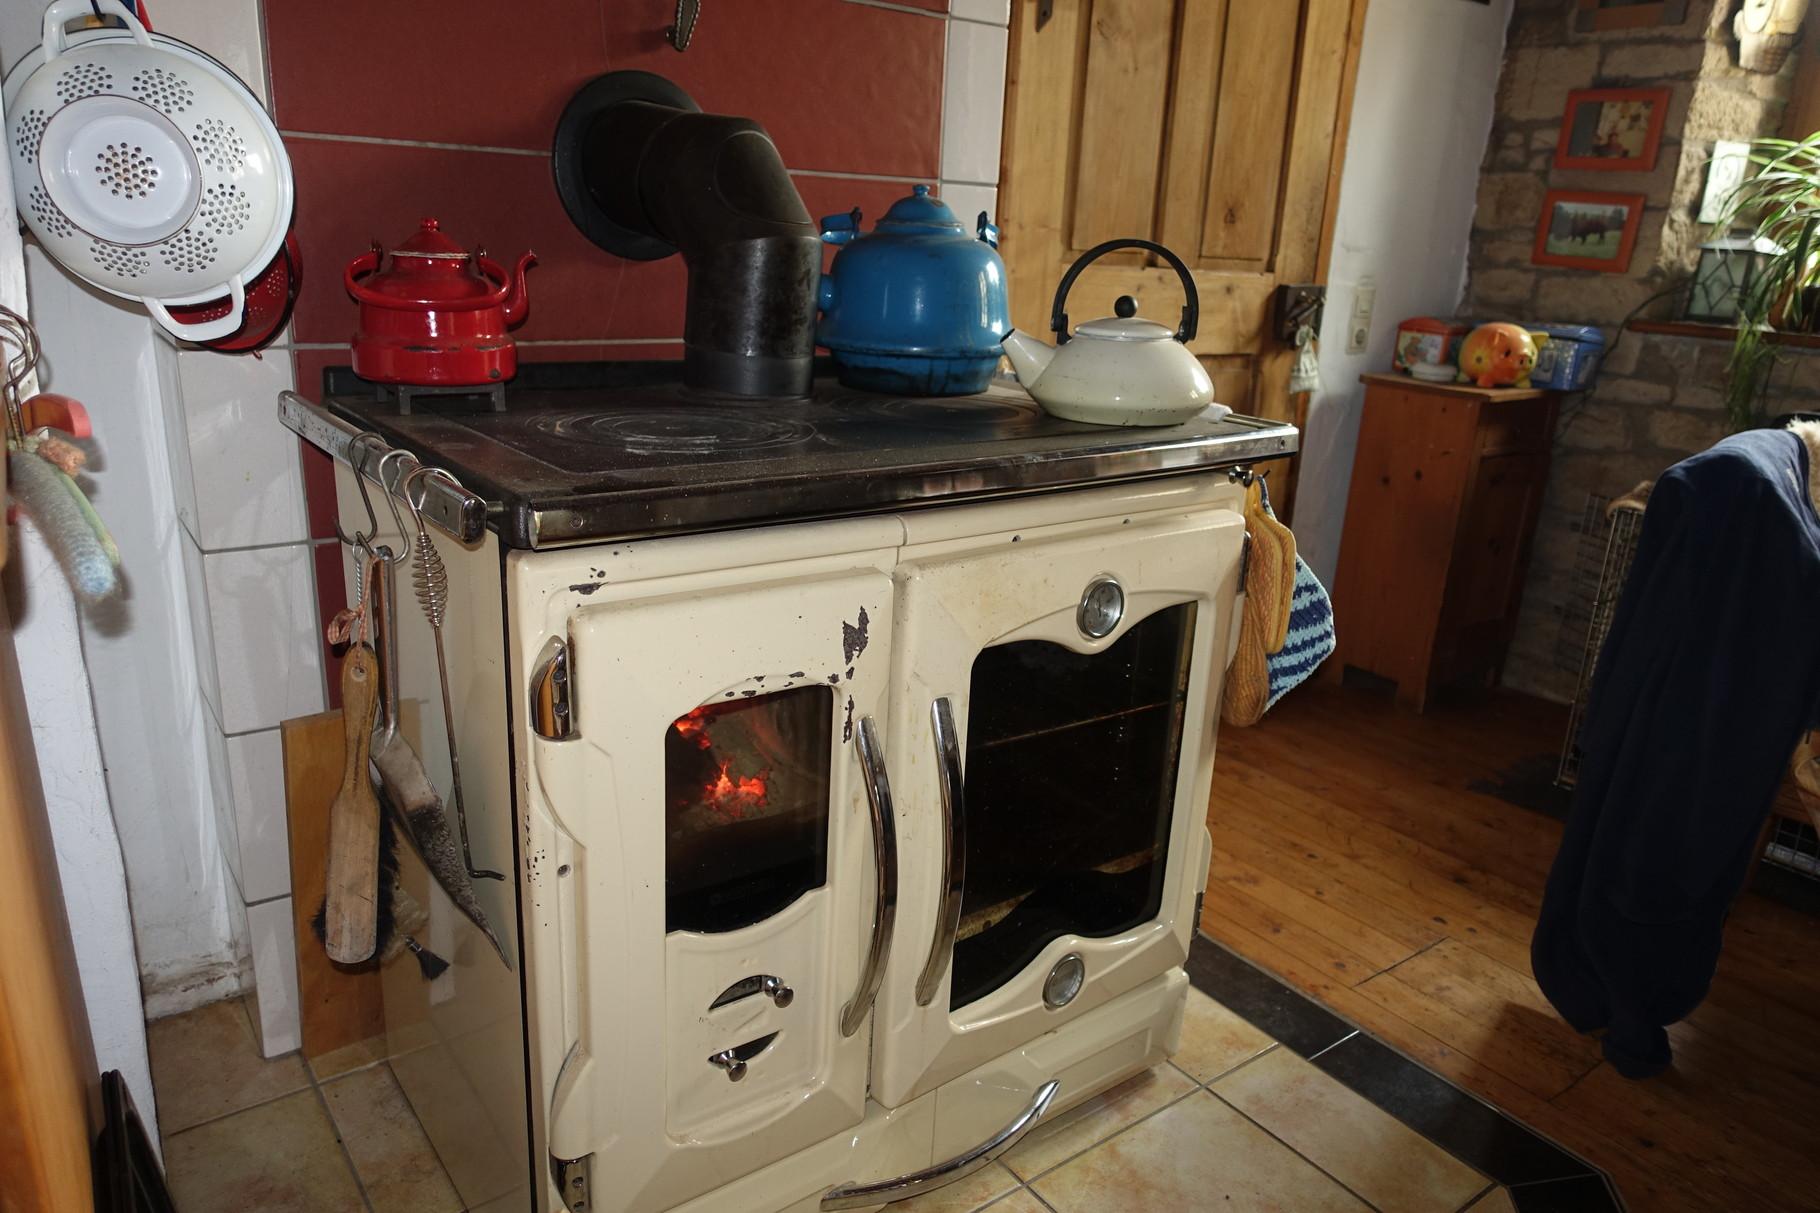 Kochherd in der Küche